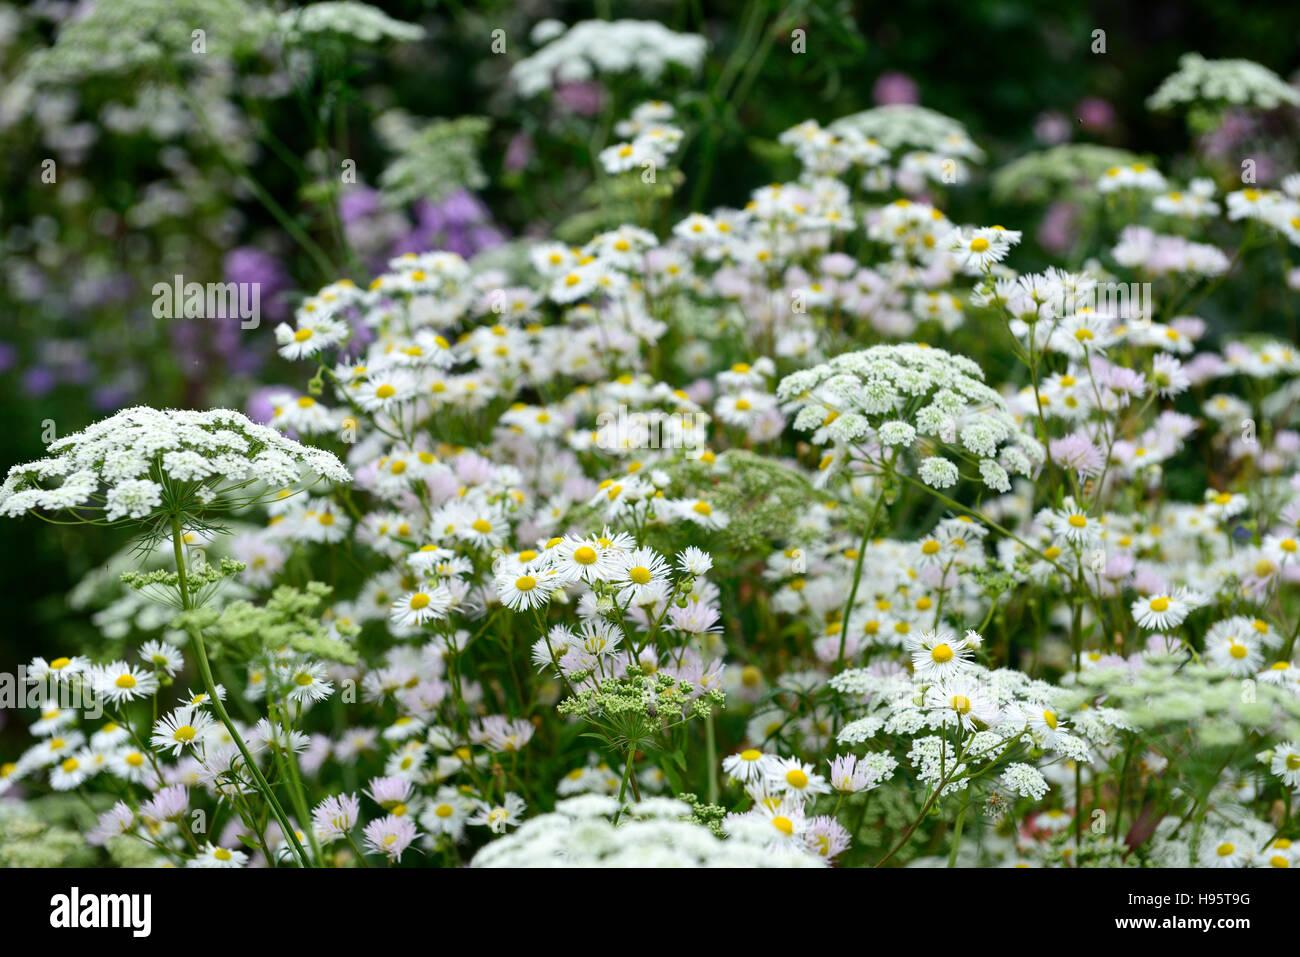 Ammi Majus daisy margaritas flores flor floración blanca combinación mixta mezcla natural de flora y fauna silvestre jardín floral de RM Foto de stock